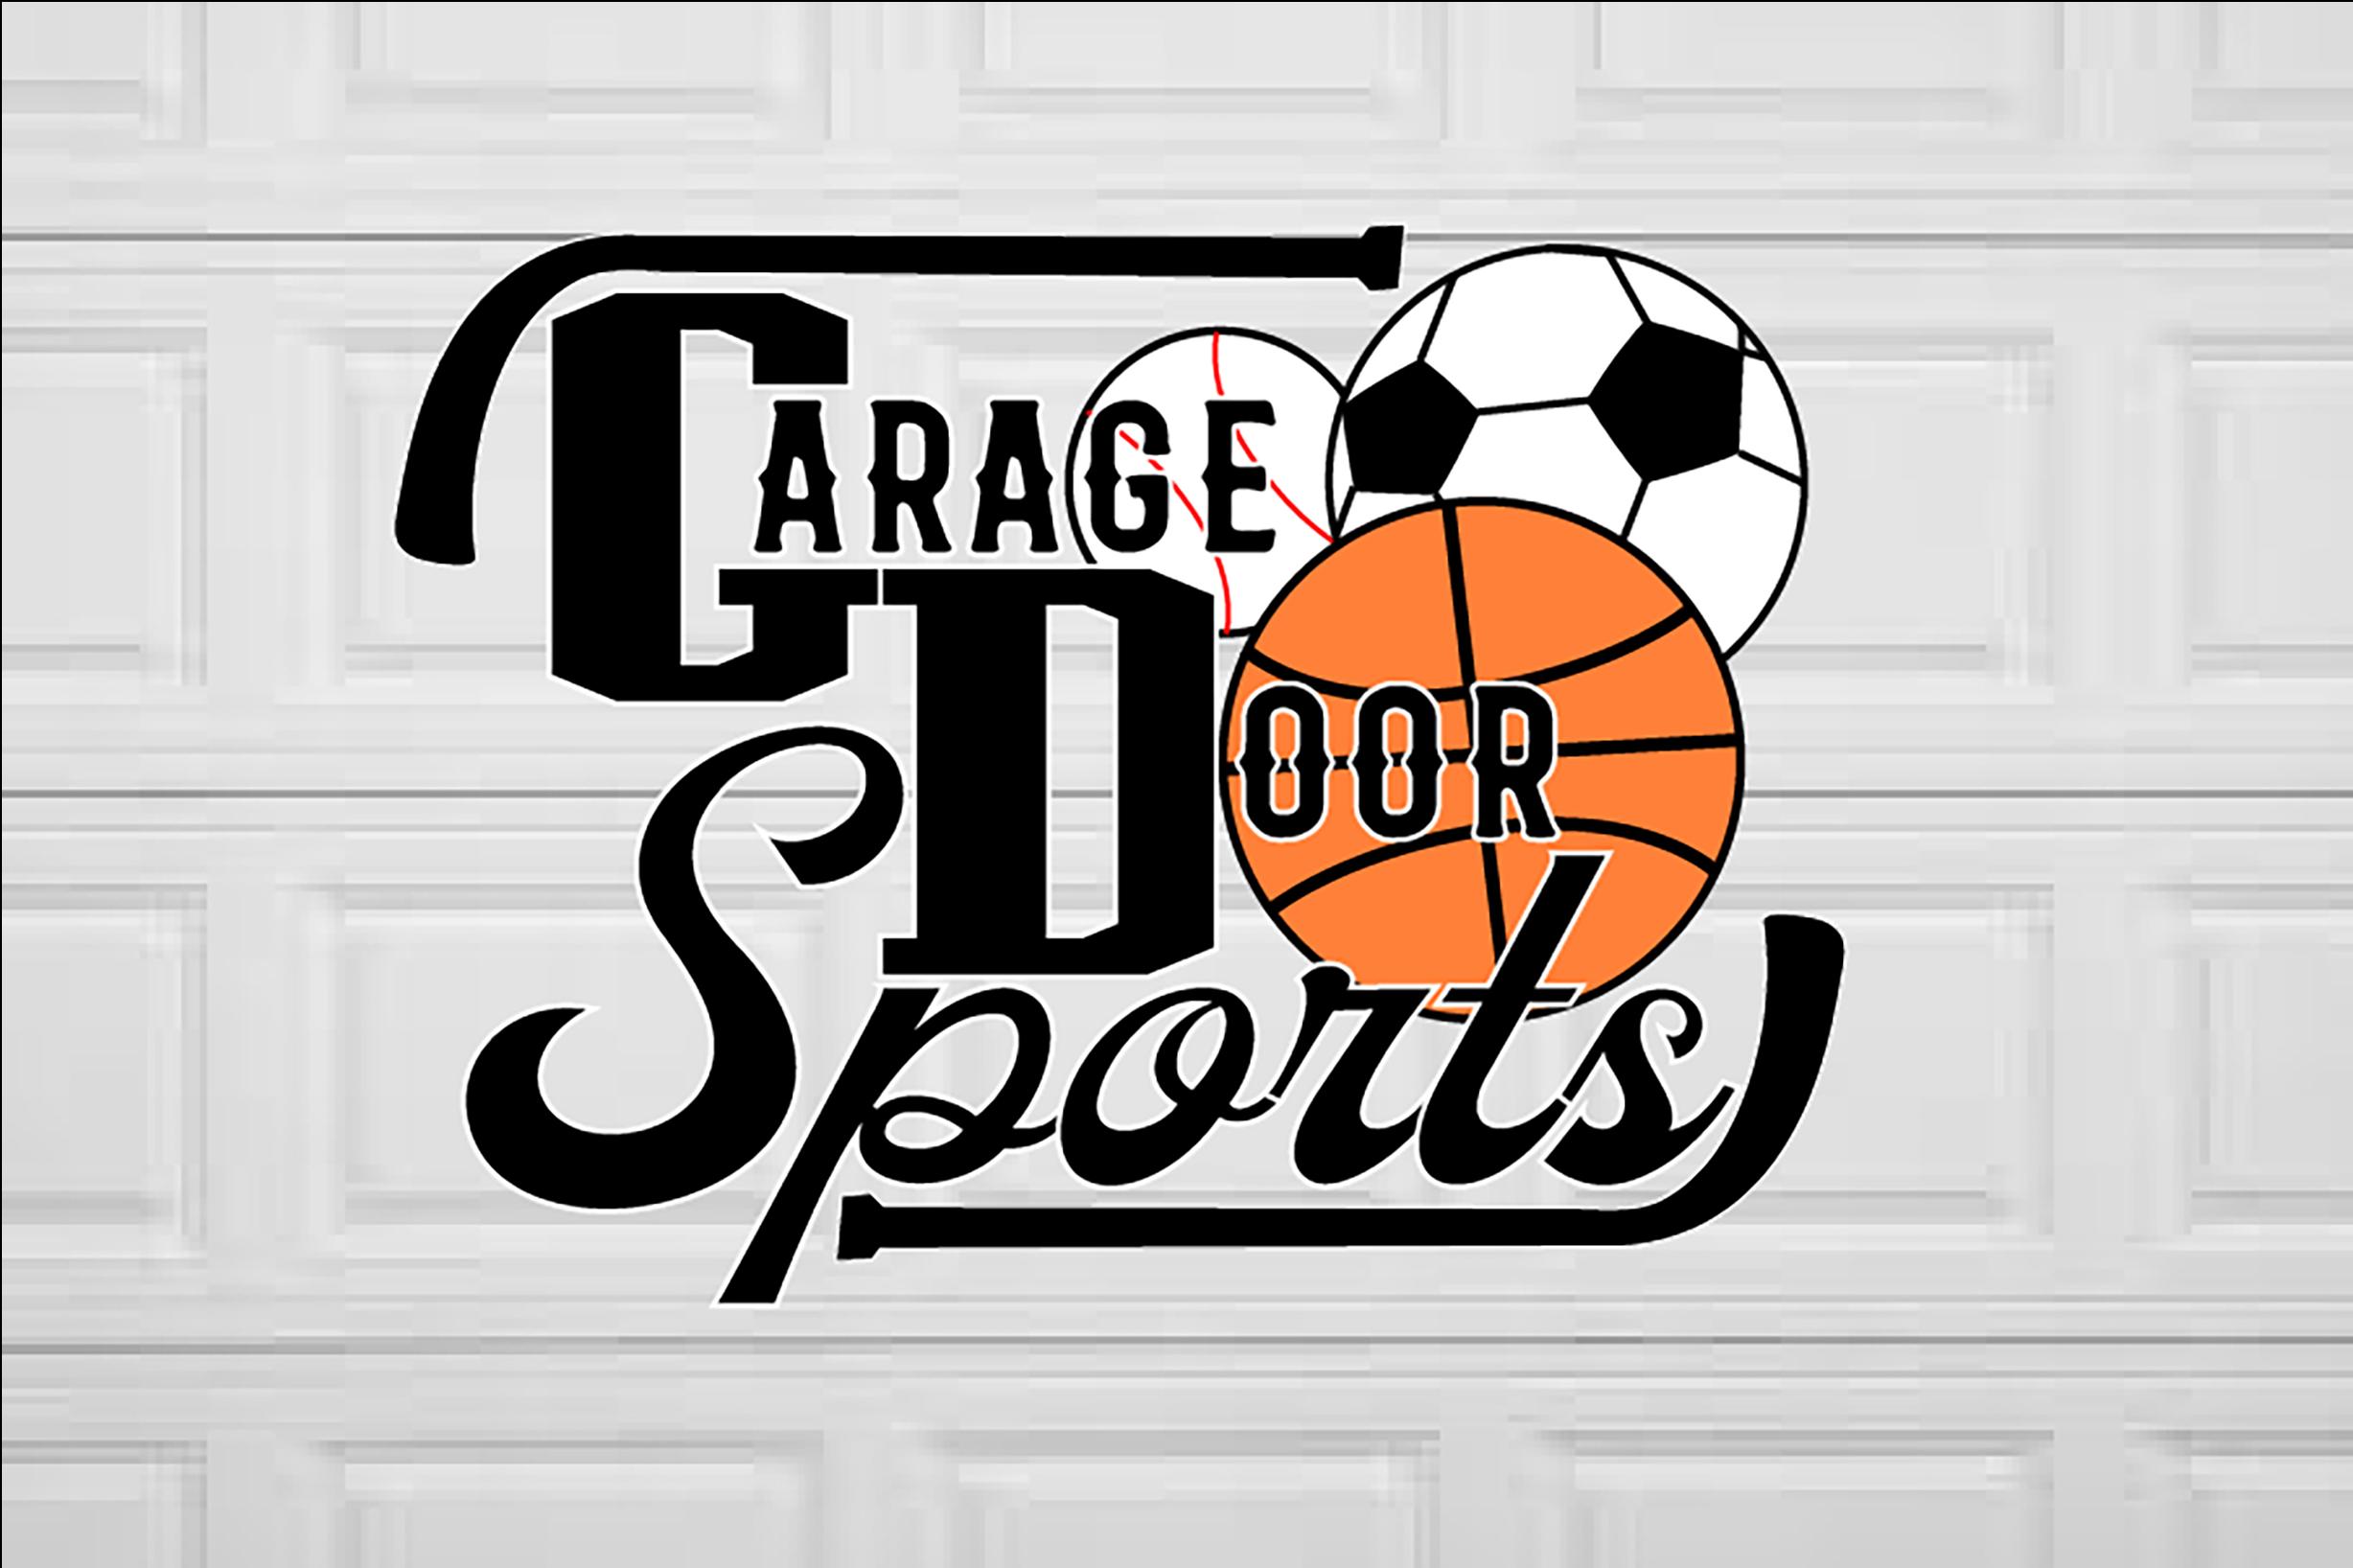 Garage Door Sports Show Logo